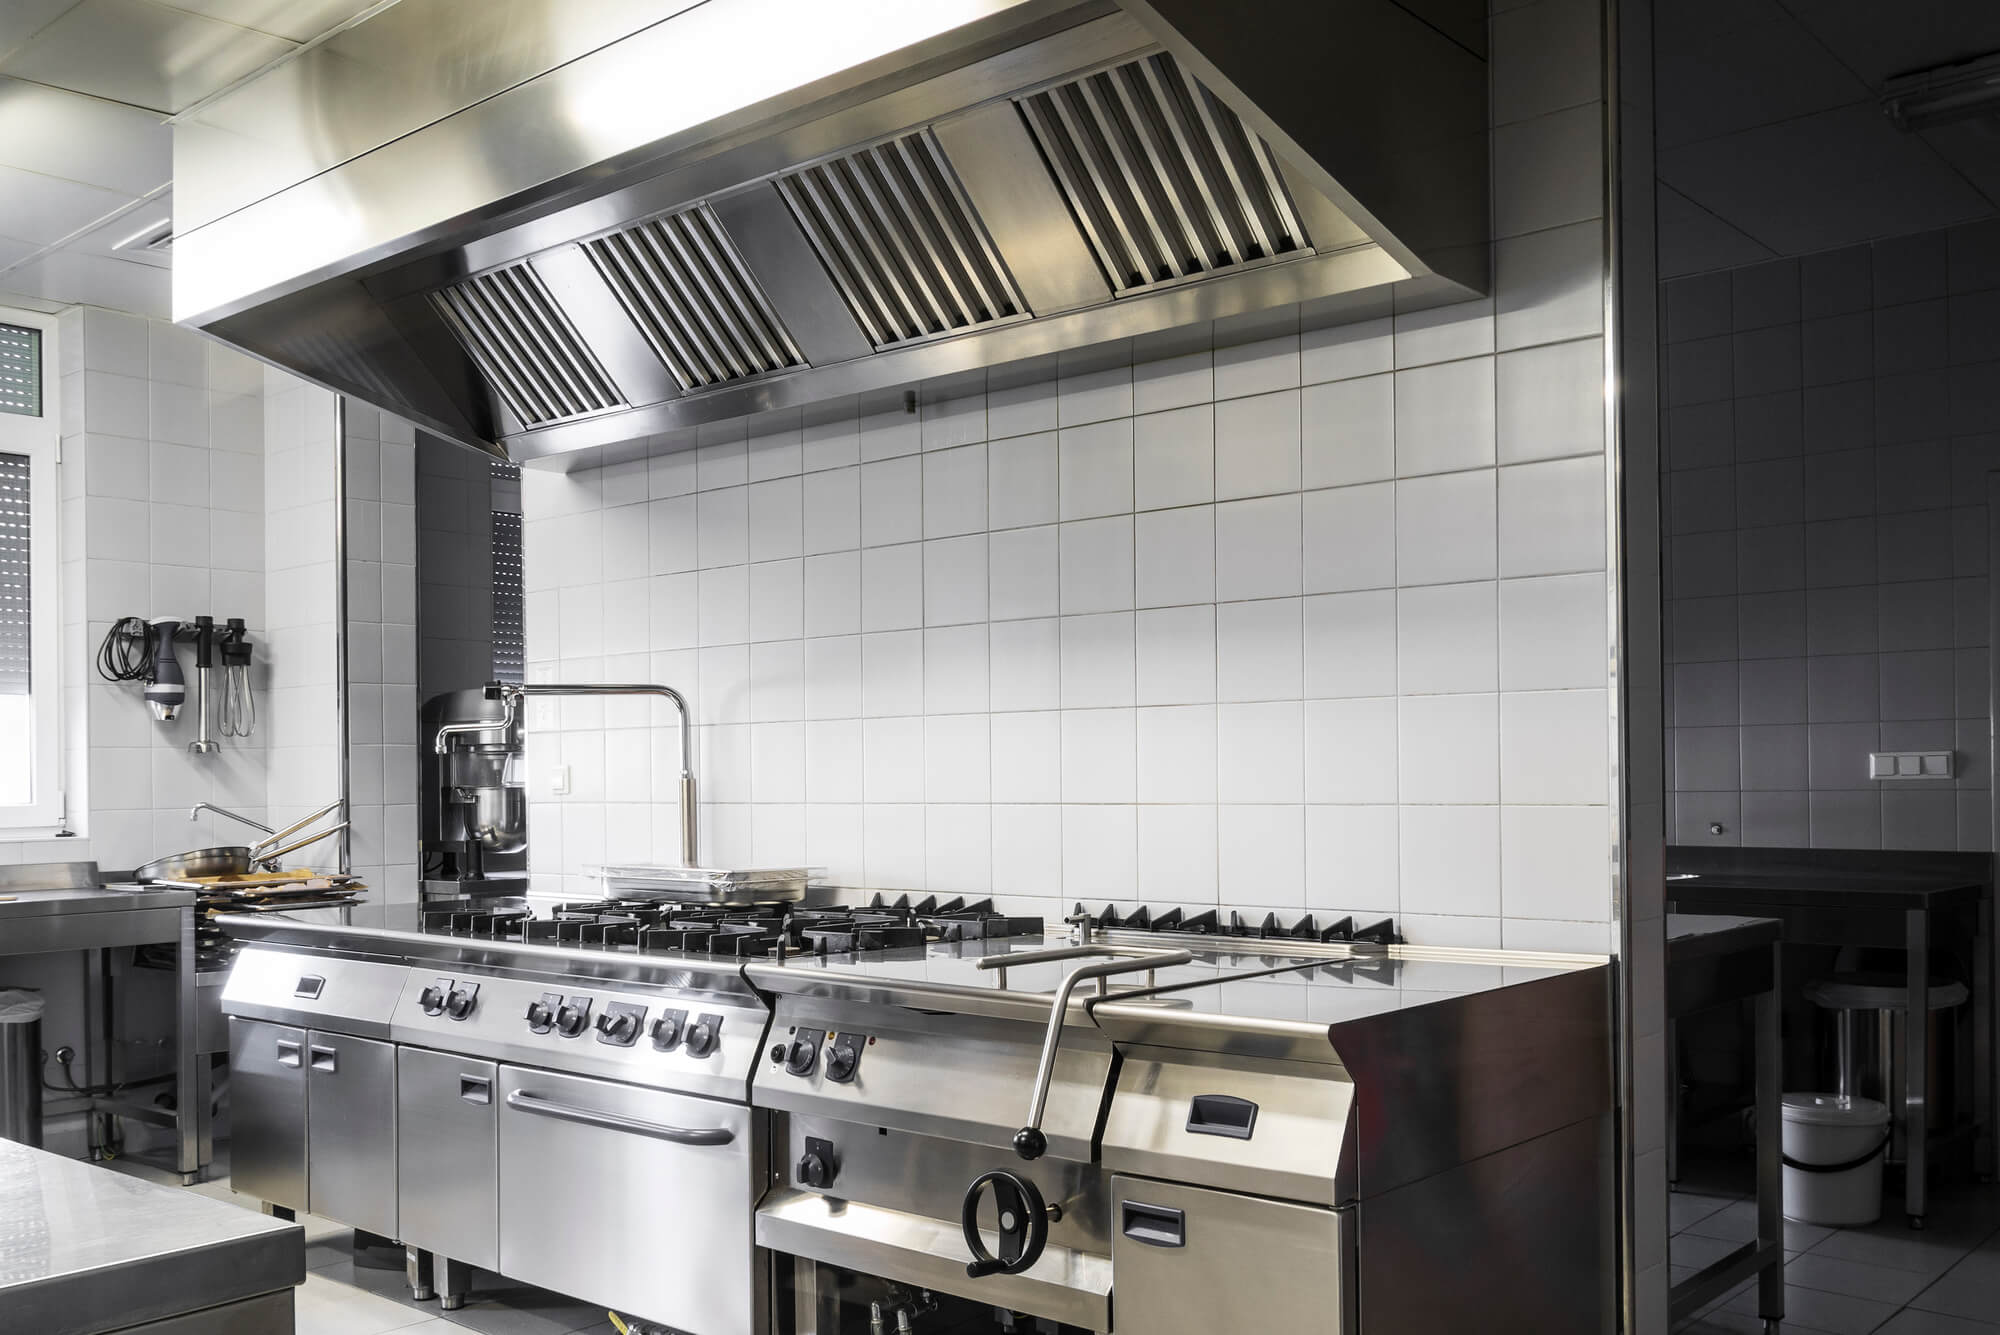 Riscos na cozinha industrial: entenda como exigir a qualidade de seu fornecedor